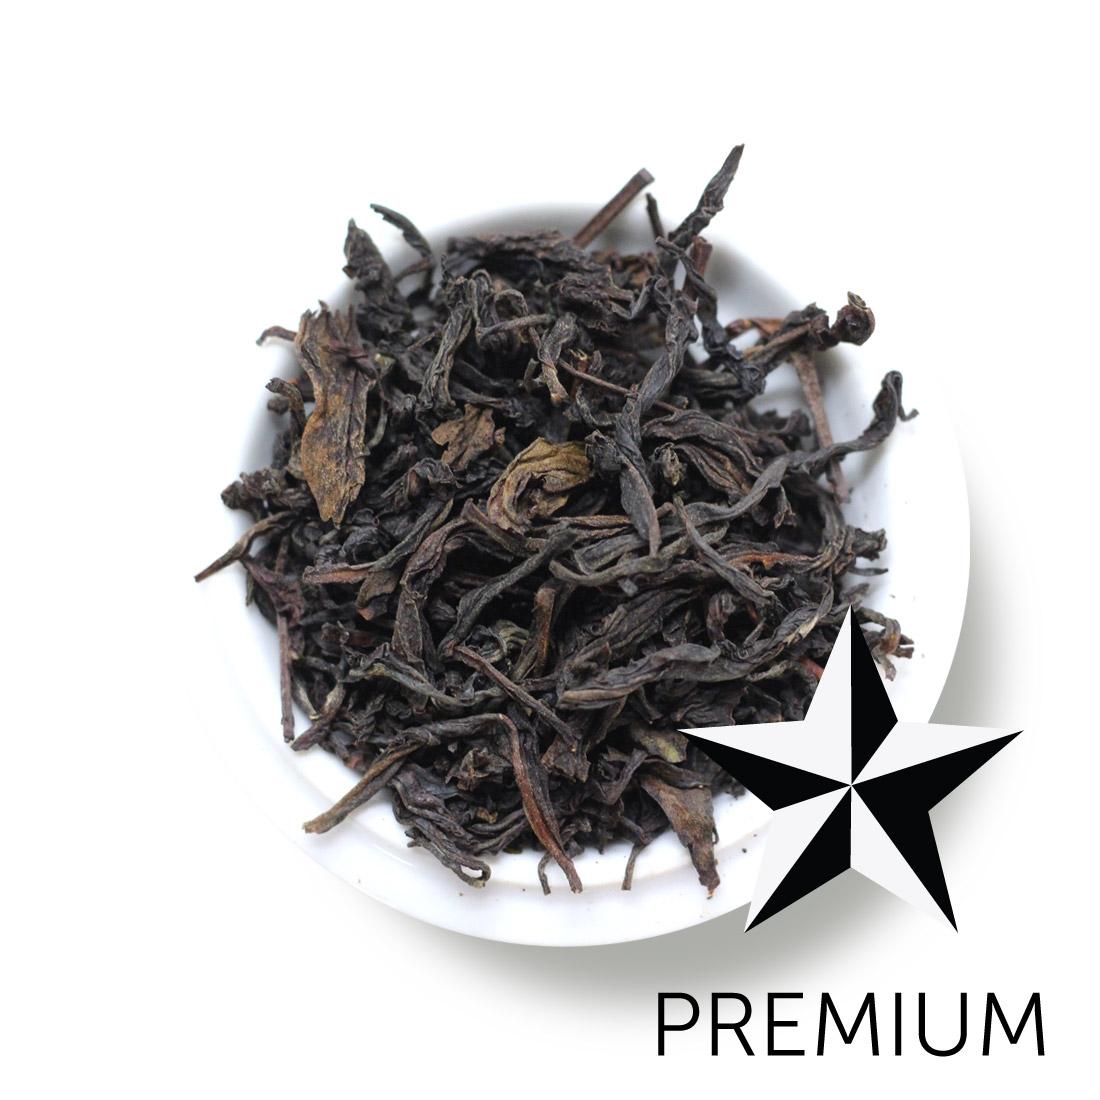 Premium Black Tea Malawi Grand Cru